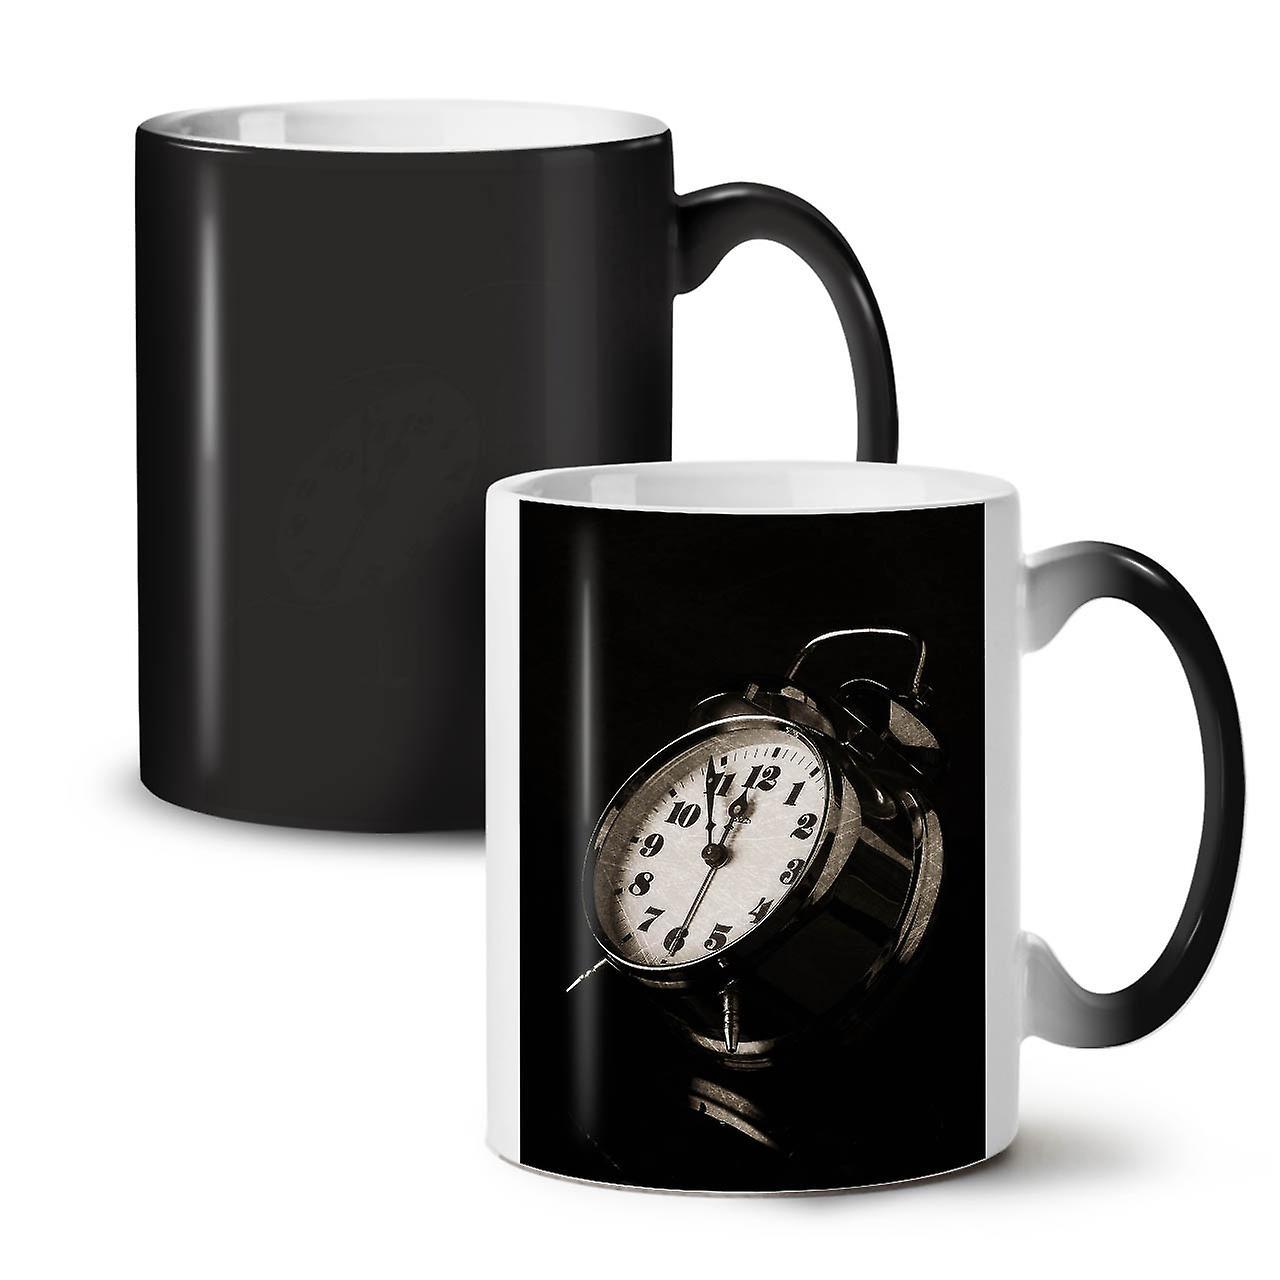 OzWellcoda Céramique Nouveau Couleur Thé Funky Ancienne Changeant Tasse 11 Noir De Café Horloge xrBthdCsQ